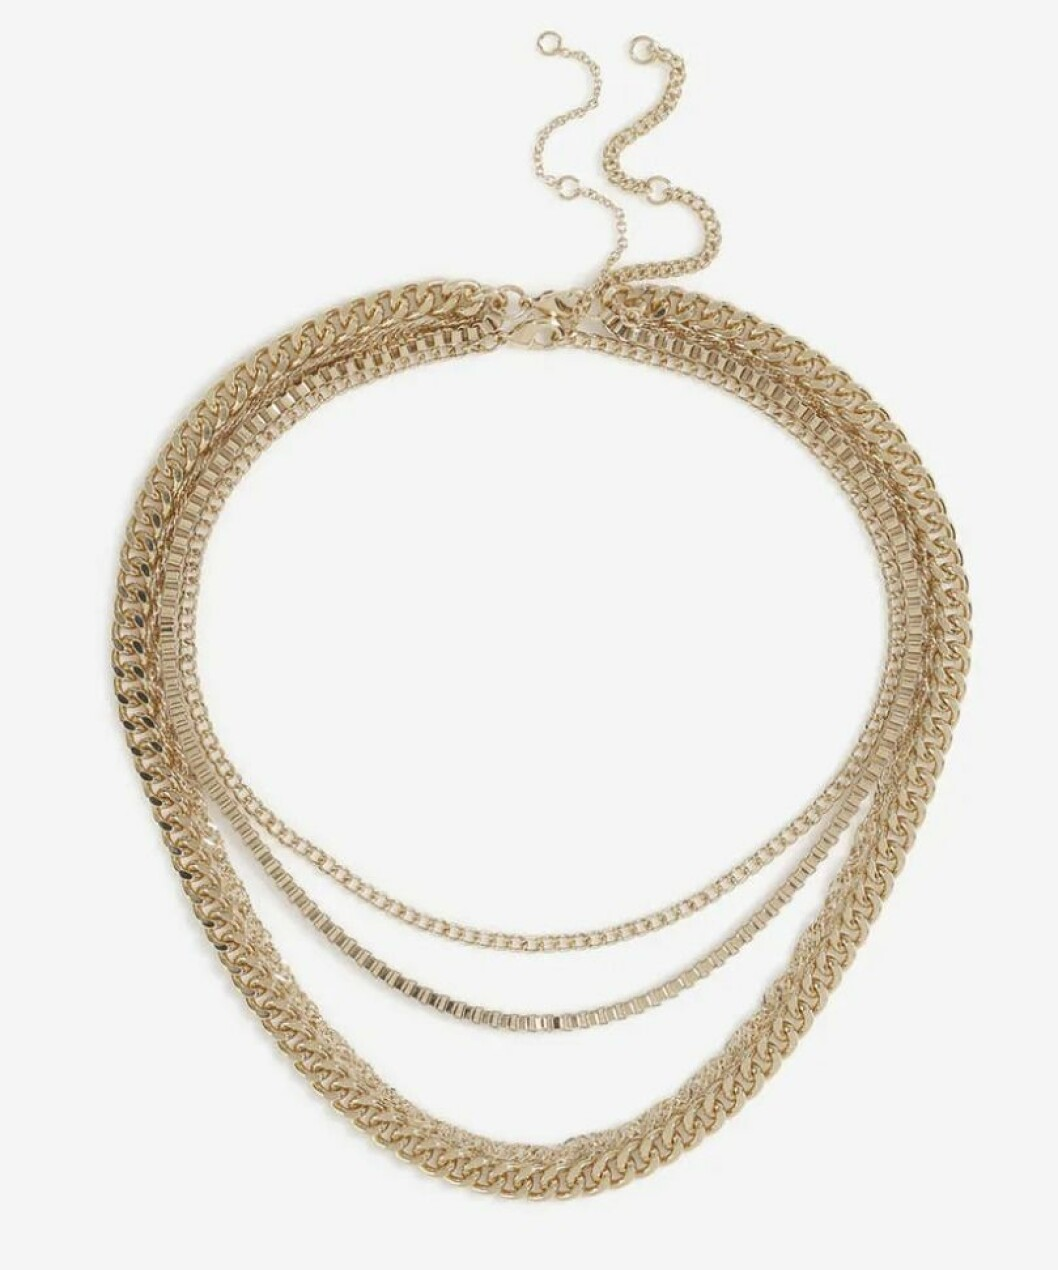 Halsband med flera lager kedjor från Gina tricot